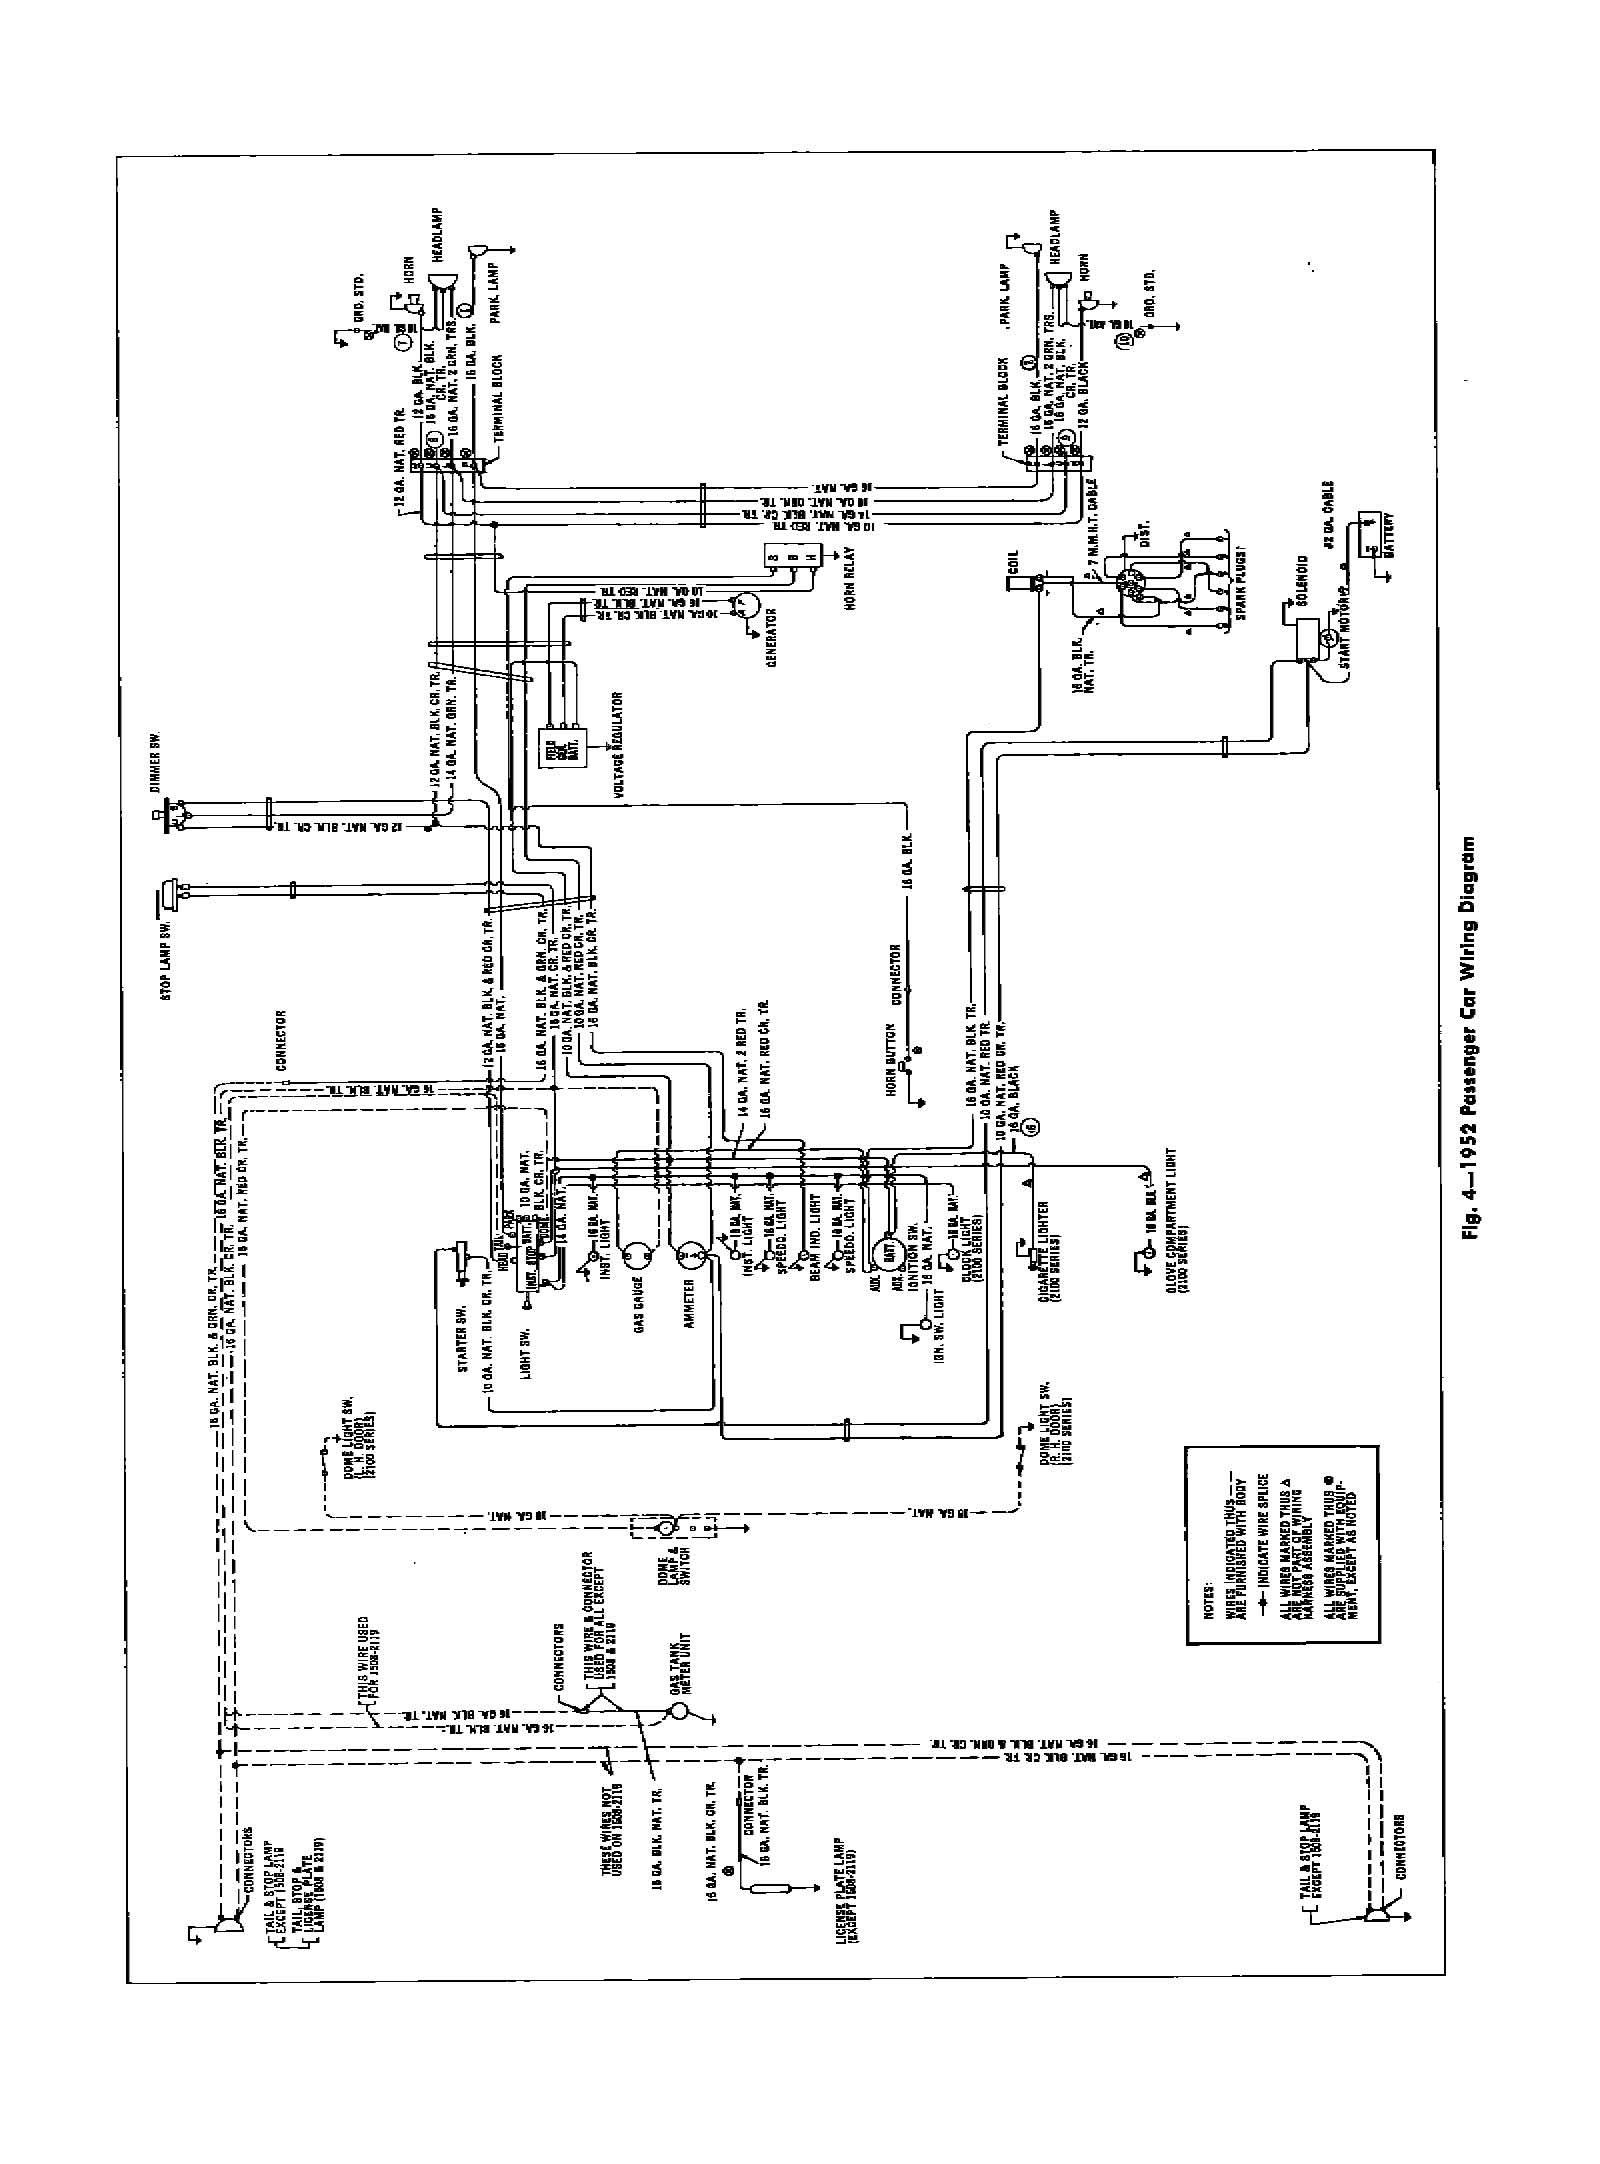 1953 willys pickup wiring diagram